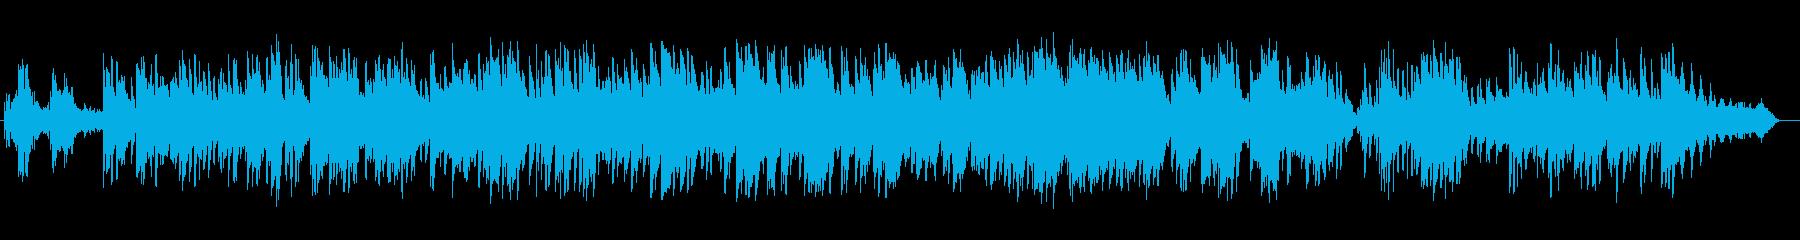 美しく癒しのピアノサウンドの再生済みの波形